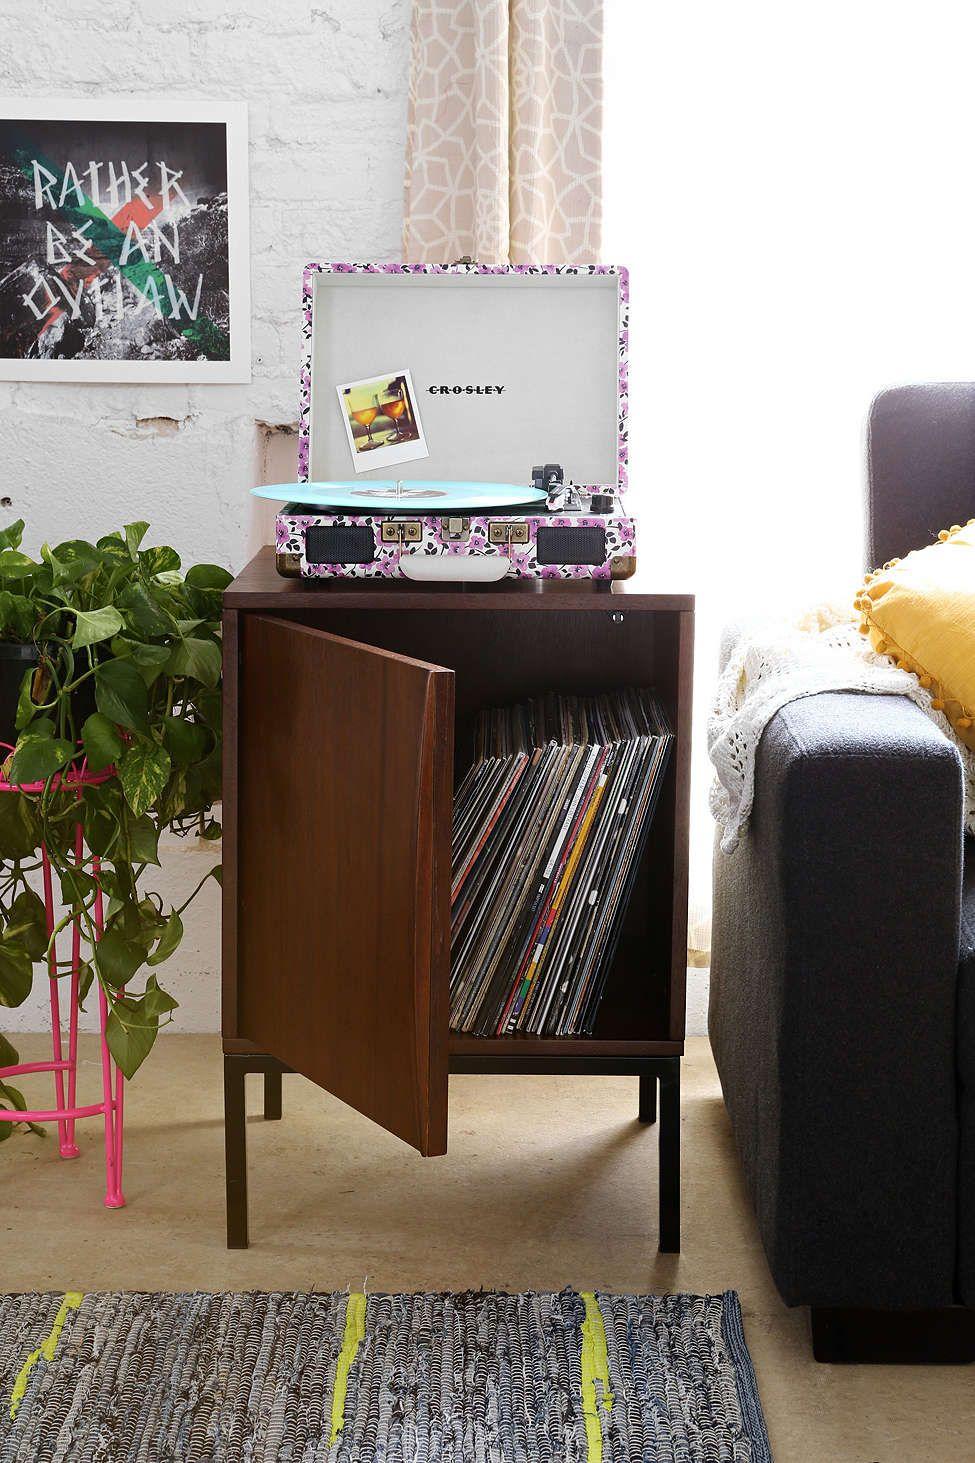 assembly home midcentury table idees pour la maison deco maison meuble mobilier de